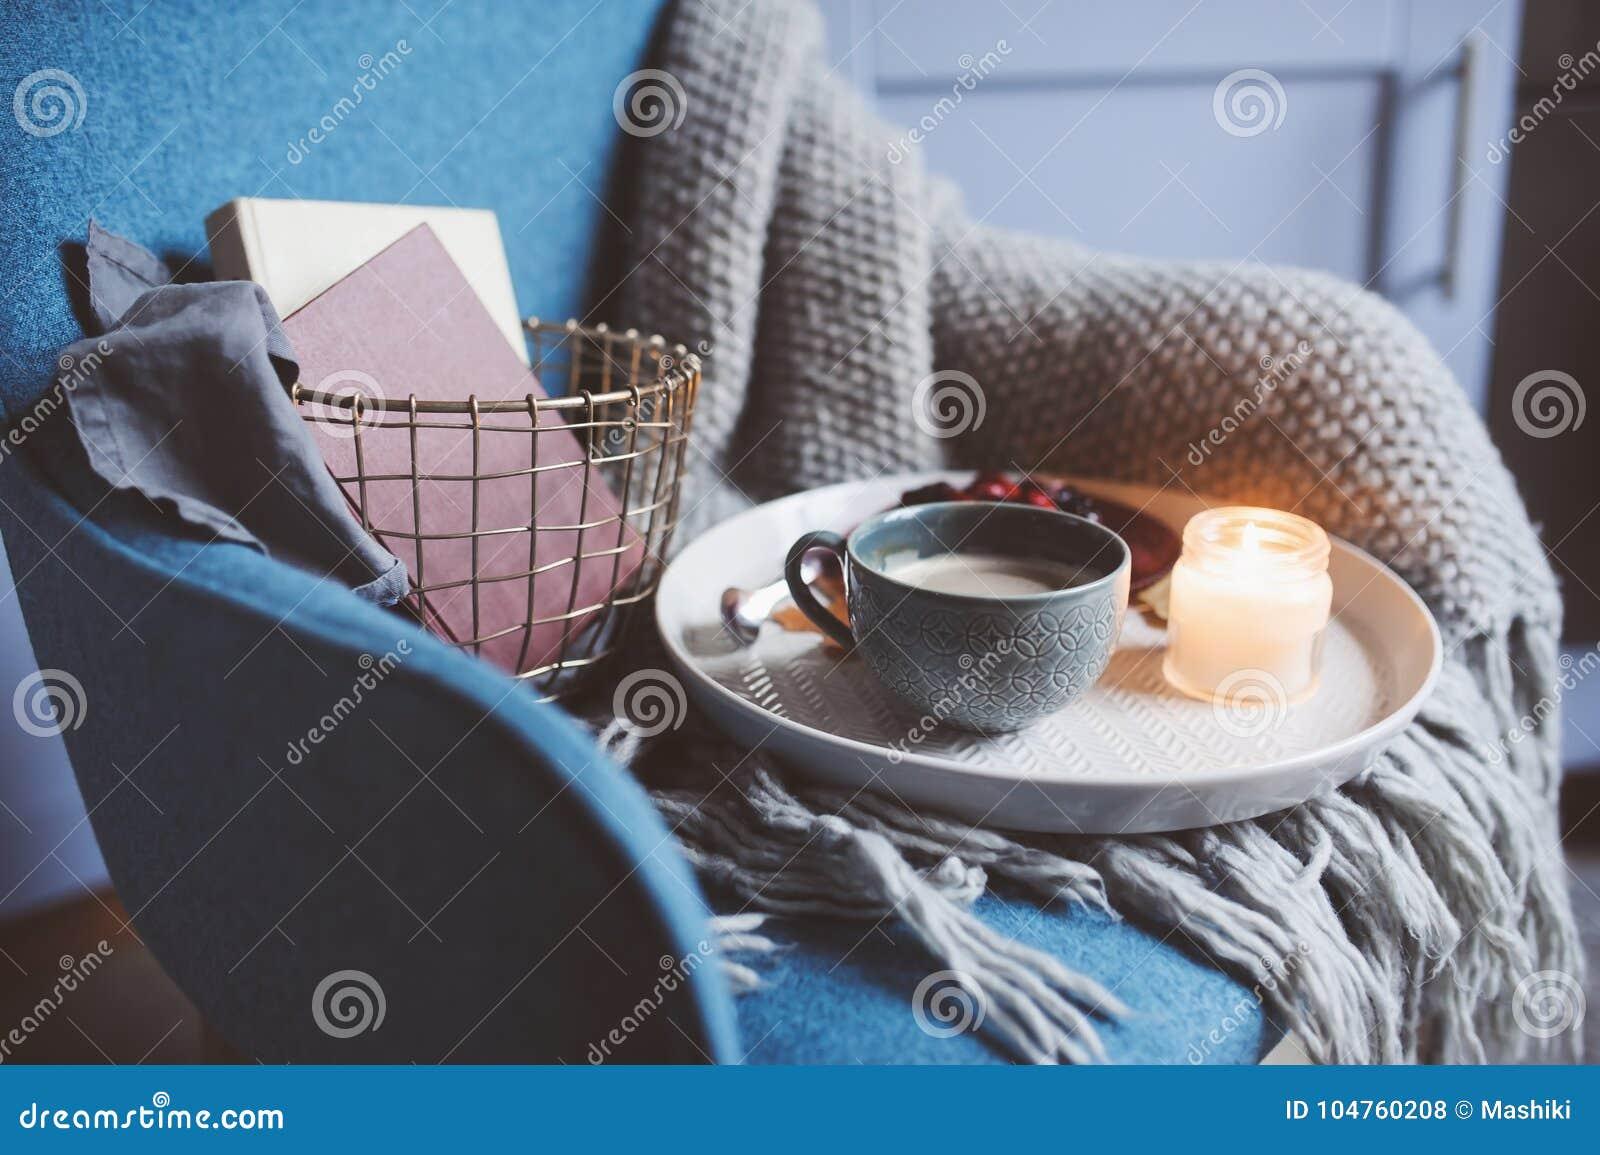 Fim de semana acolhedor do inverno em casa A manhã com café ou cacau, livros, aquece a cadeira geral e nórdica feita malha do est